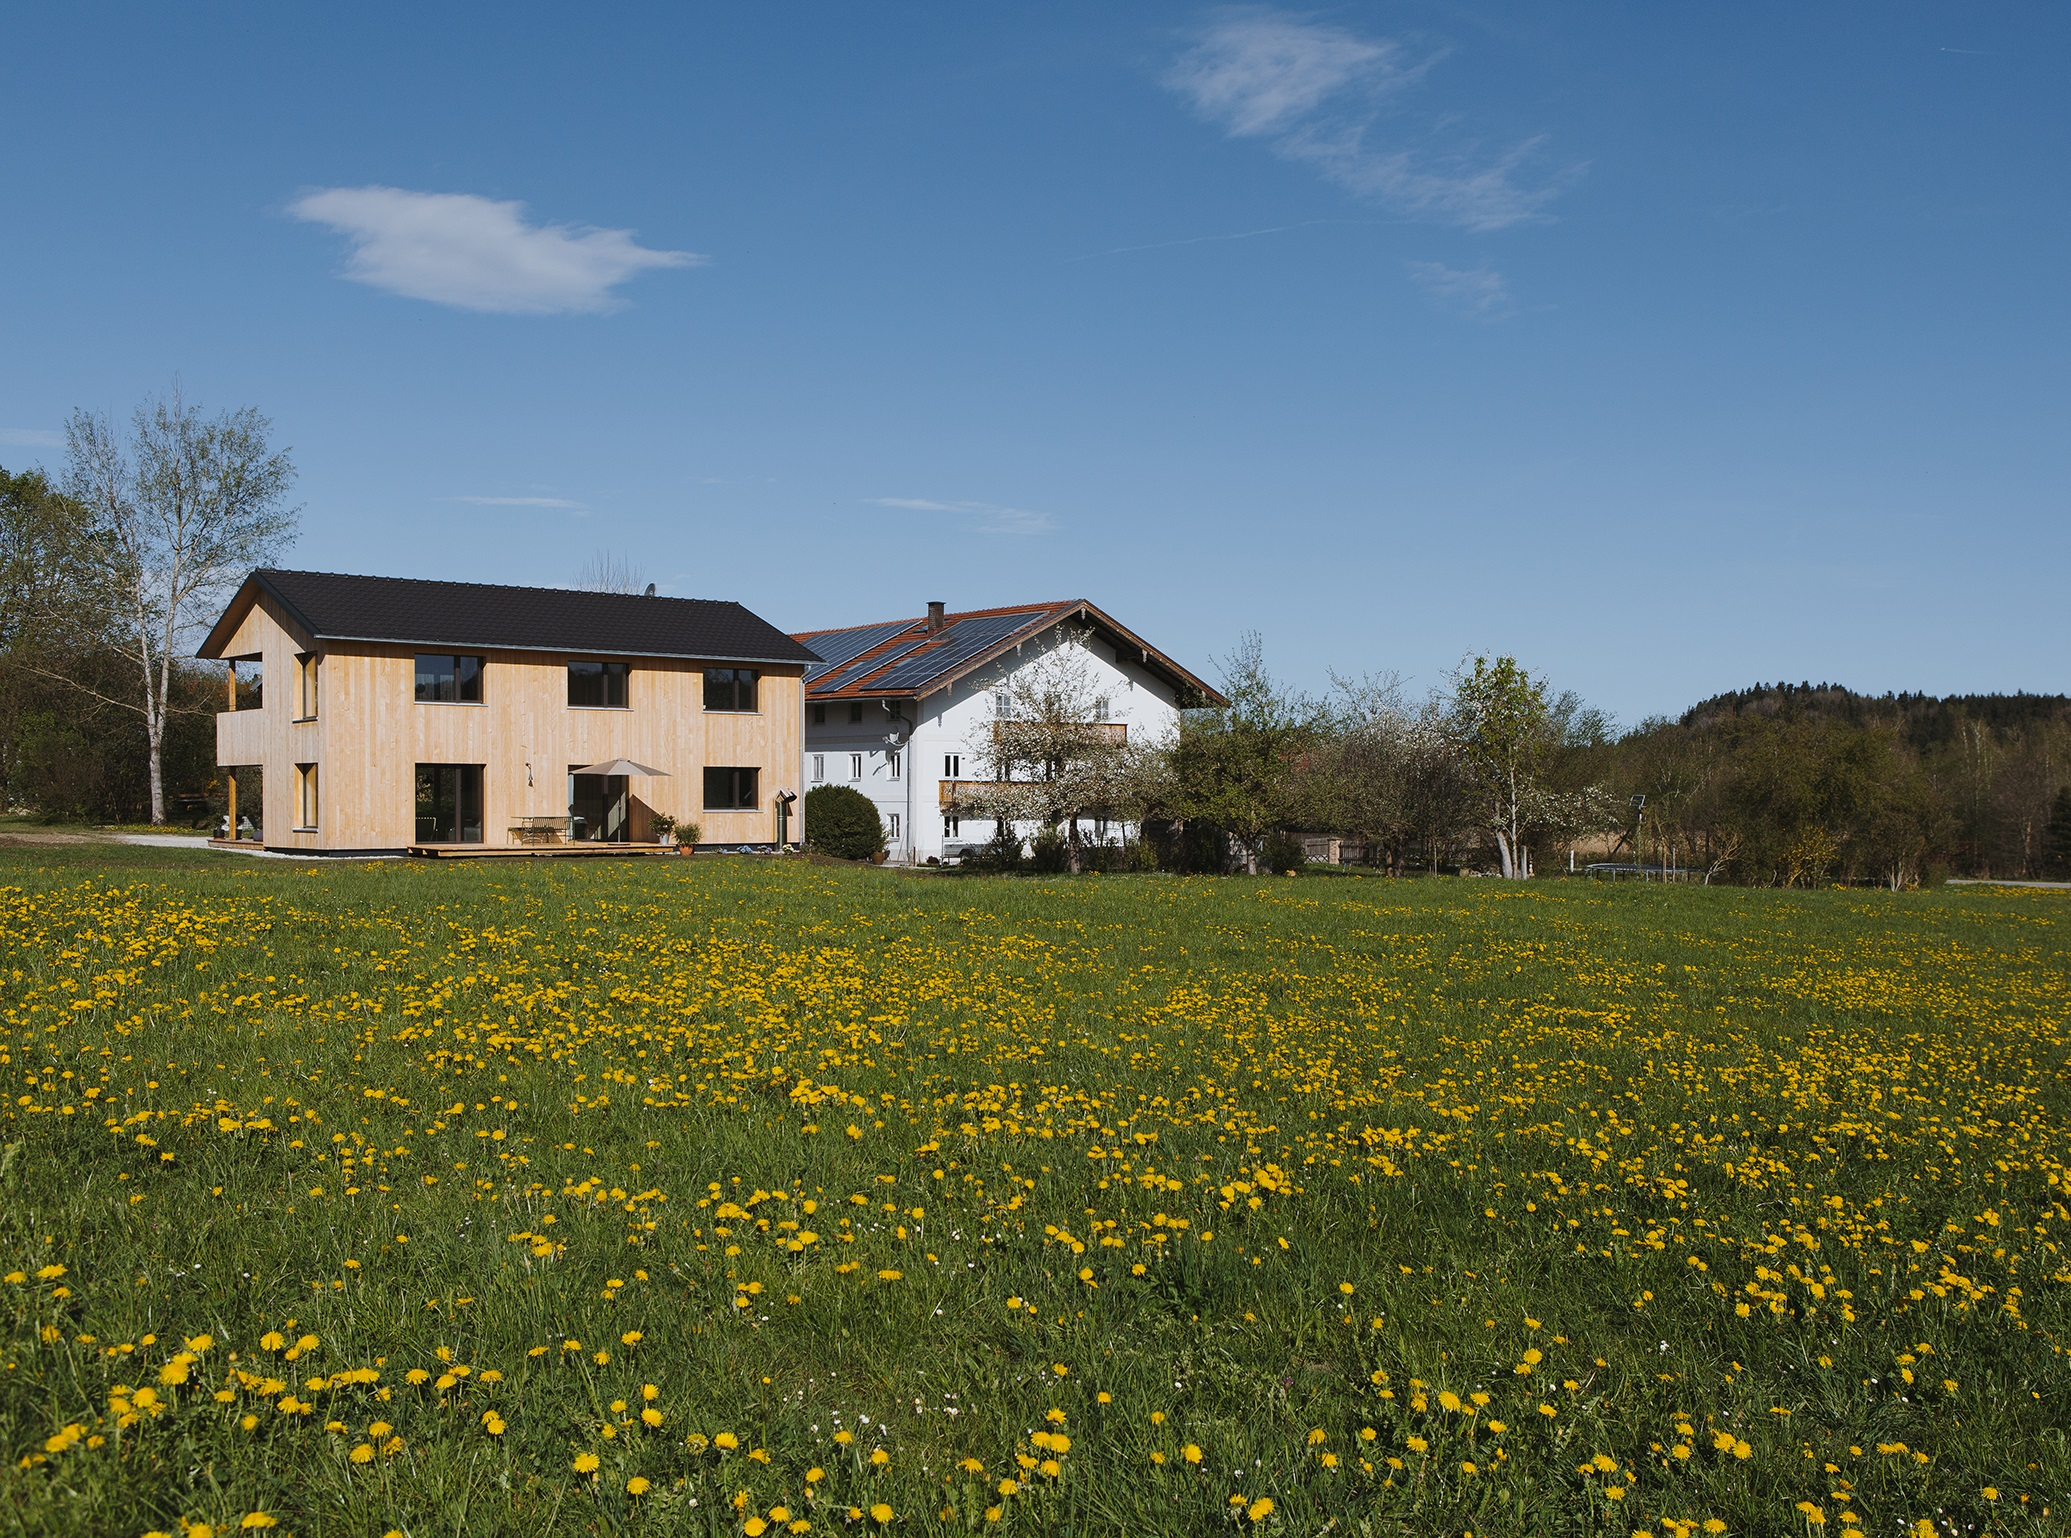 Appartement de vacances Schmidhuber - Ferienhaus im Obstanger (DE Chieming). Ferienwohnung MAX - 1-4 Personen, 2 s (2597106), Chieming, Lac de Chiem, Bavière, Allemagne, image 3